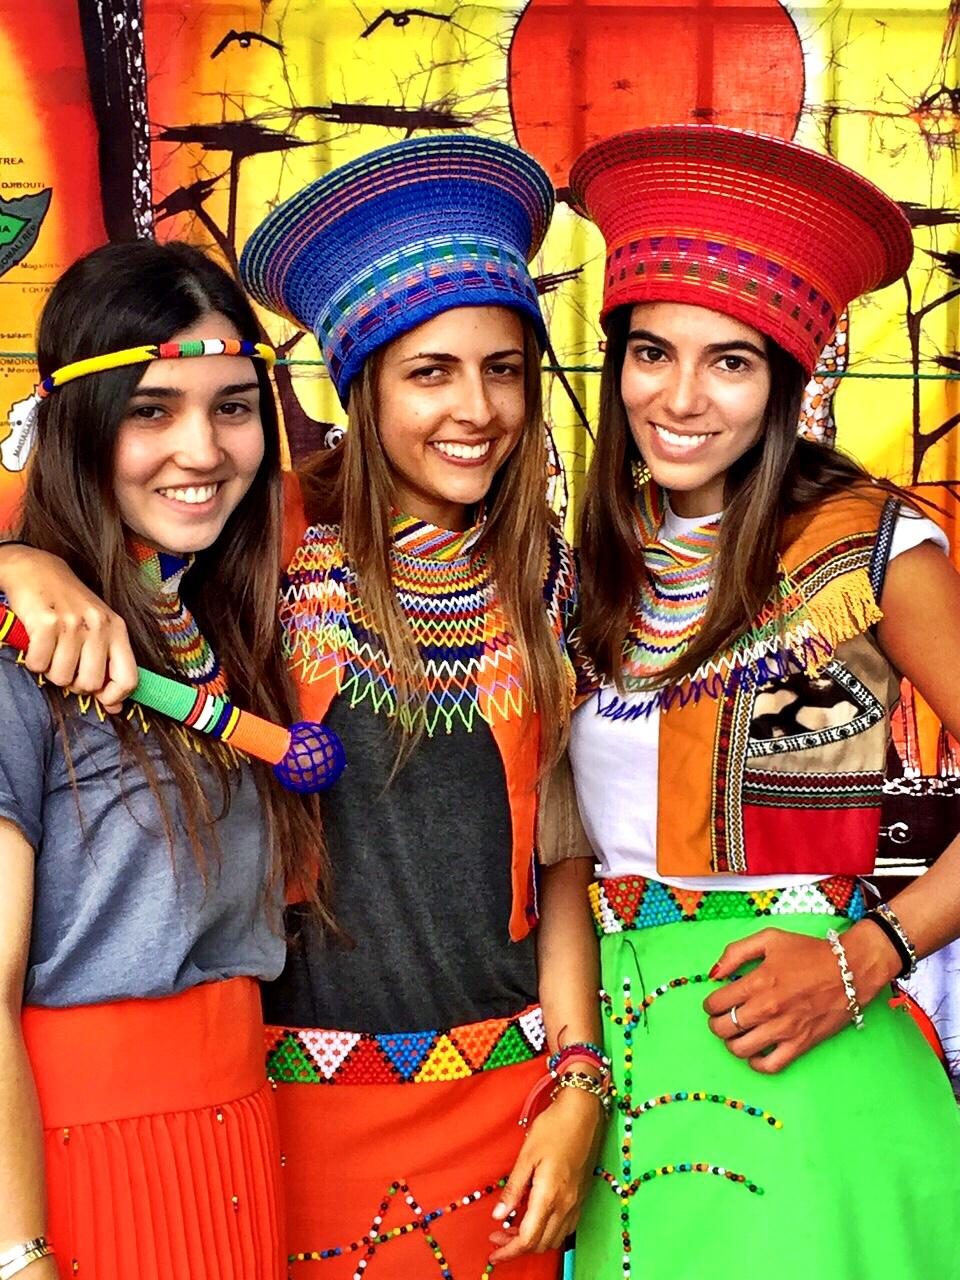 Zulu costumes